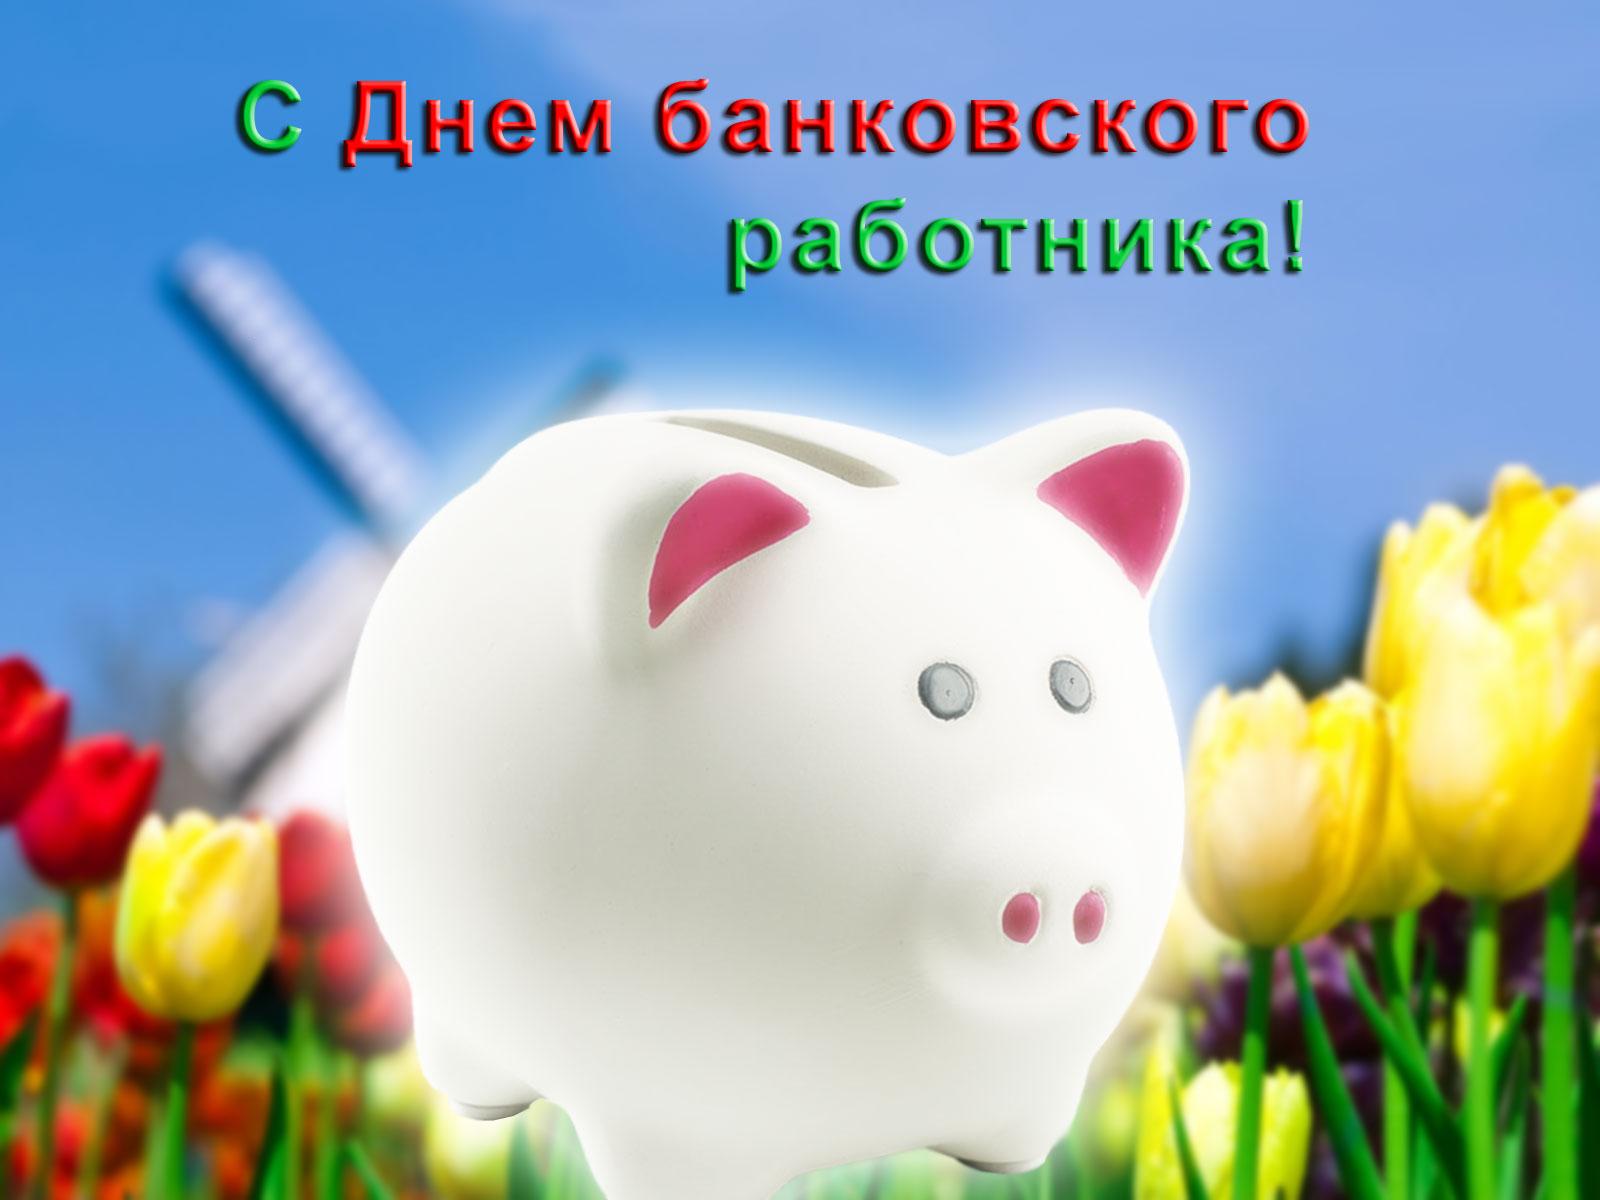 С днем банкира поздравления картинки